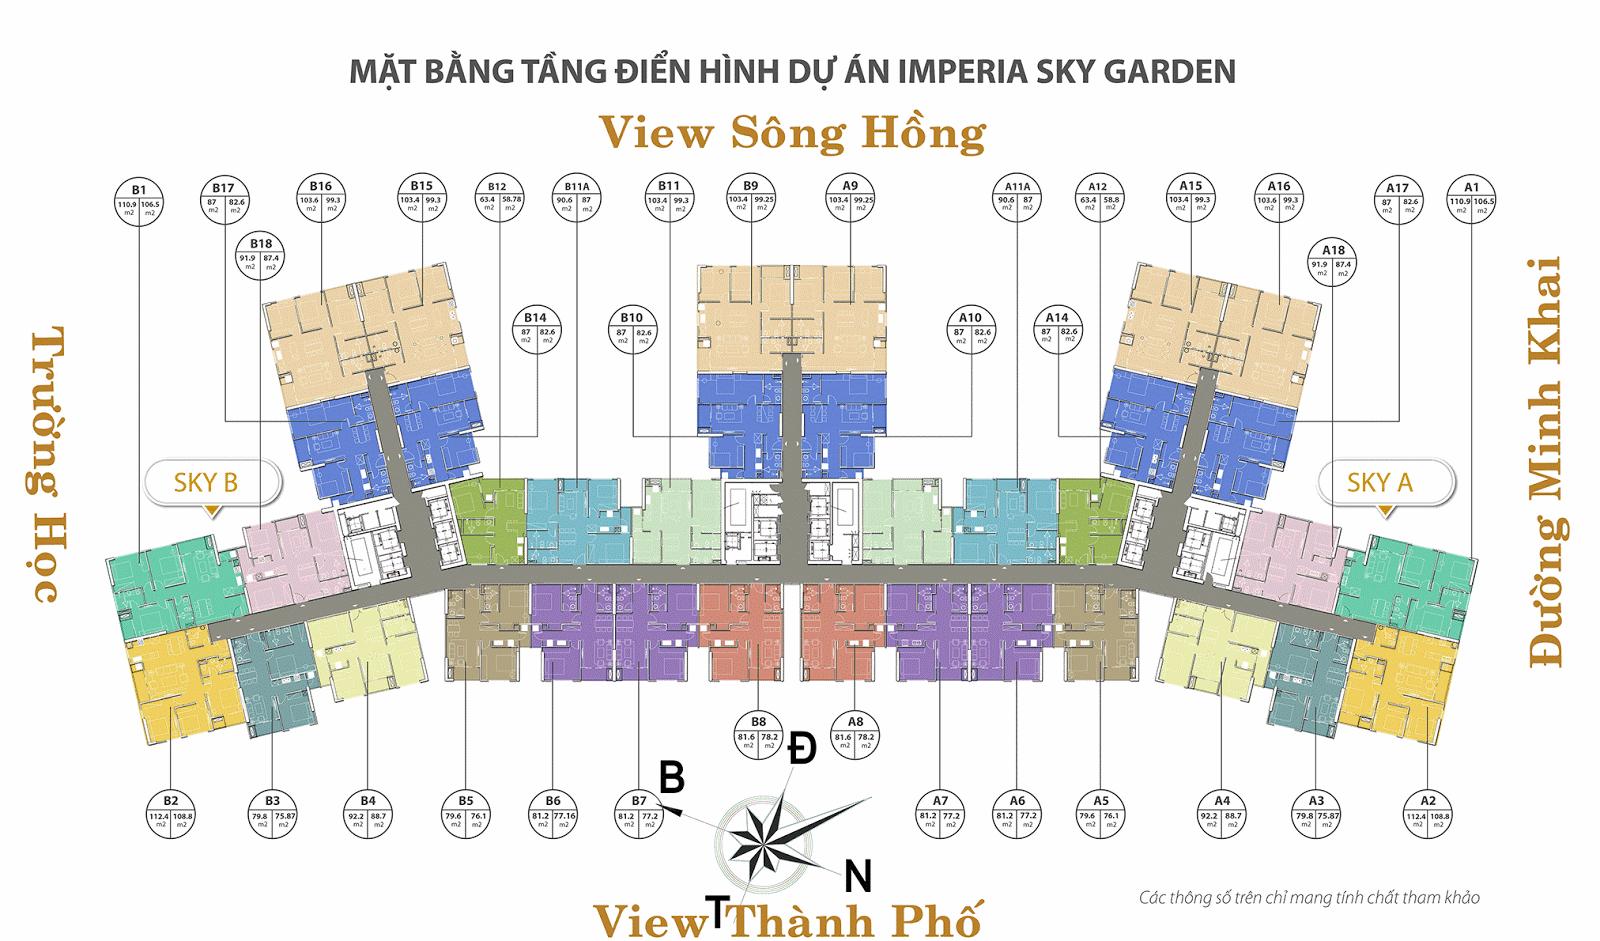 Mặt bằng điển hình tầng dự án chung cư Imperia Sky Garden 423 Minh Khai